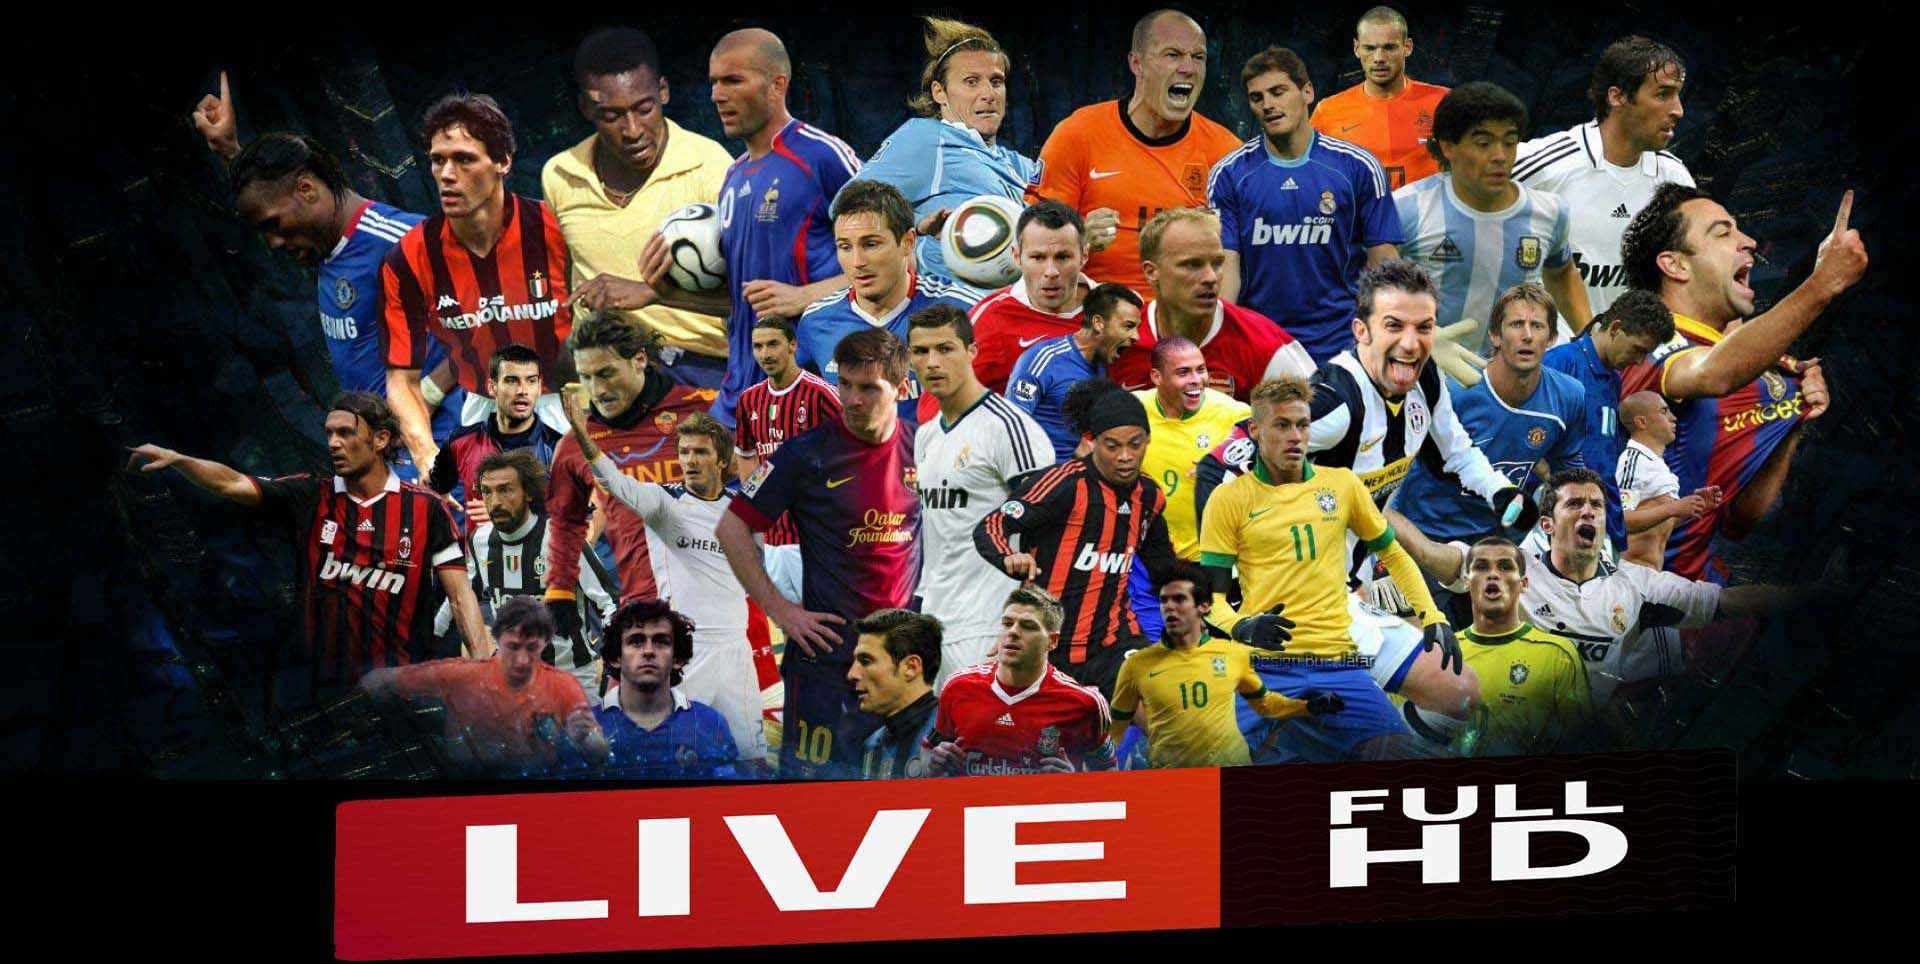 Lyon Vs Dinamo Zagreb stream live